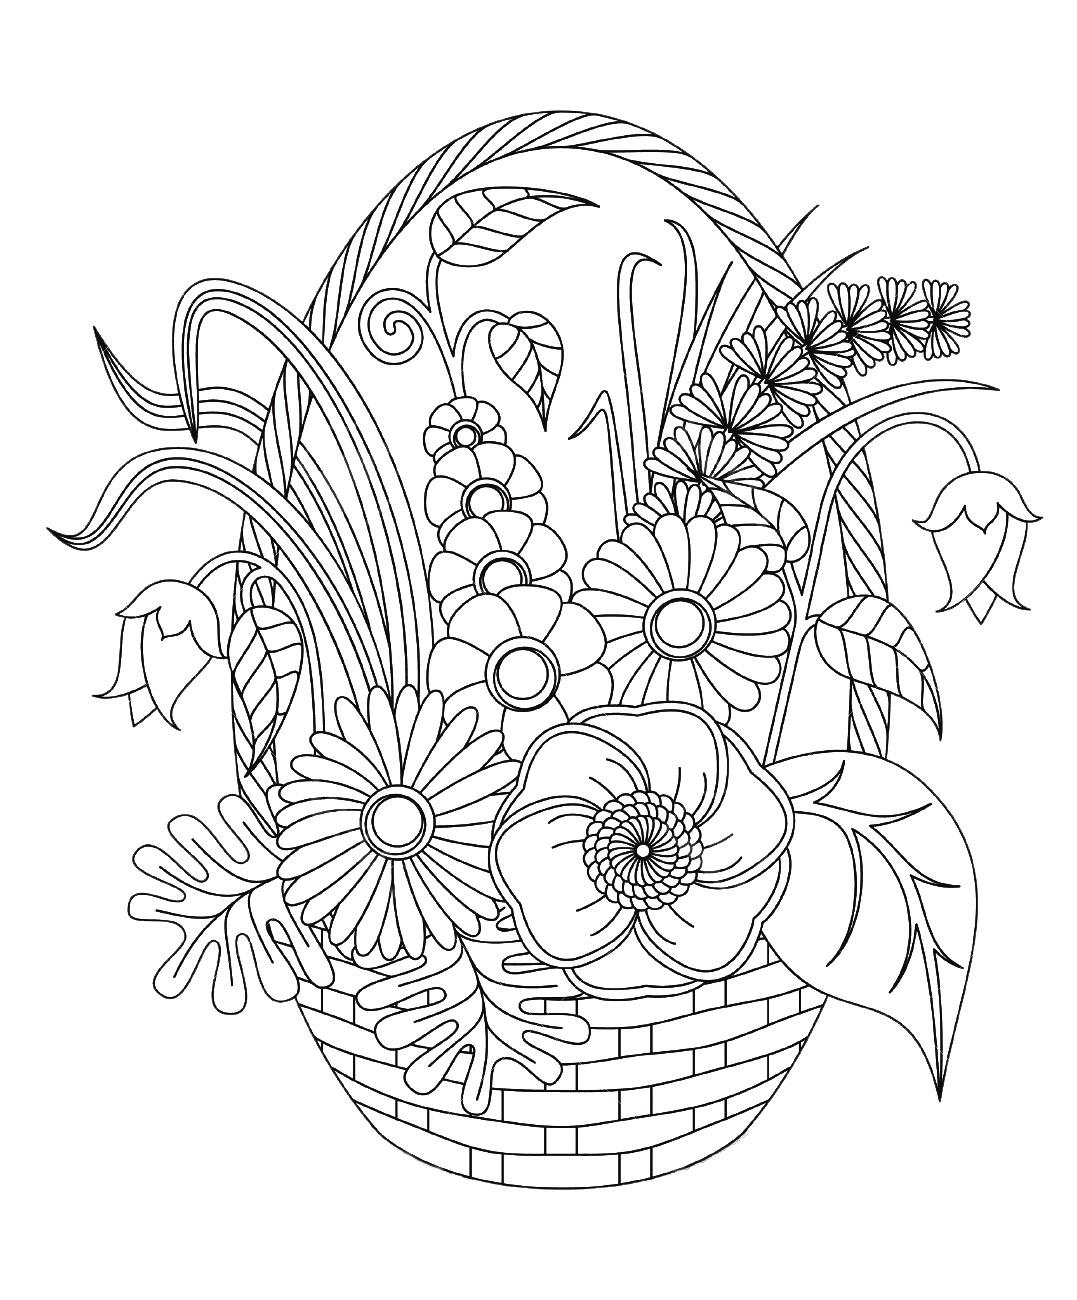 Disegni Fiori Da Colorare Per Adulti : disegni, fiori, colorare, adulti, Fiori, Vegetazione, 45813, Disegni, Colorare, Adulti